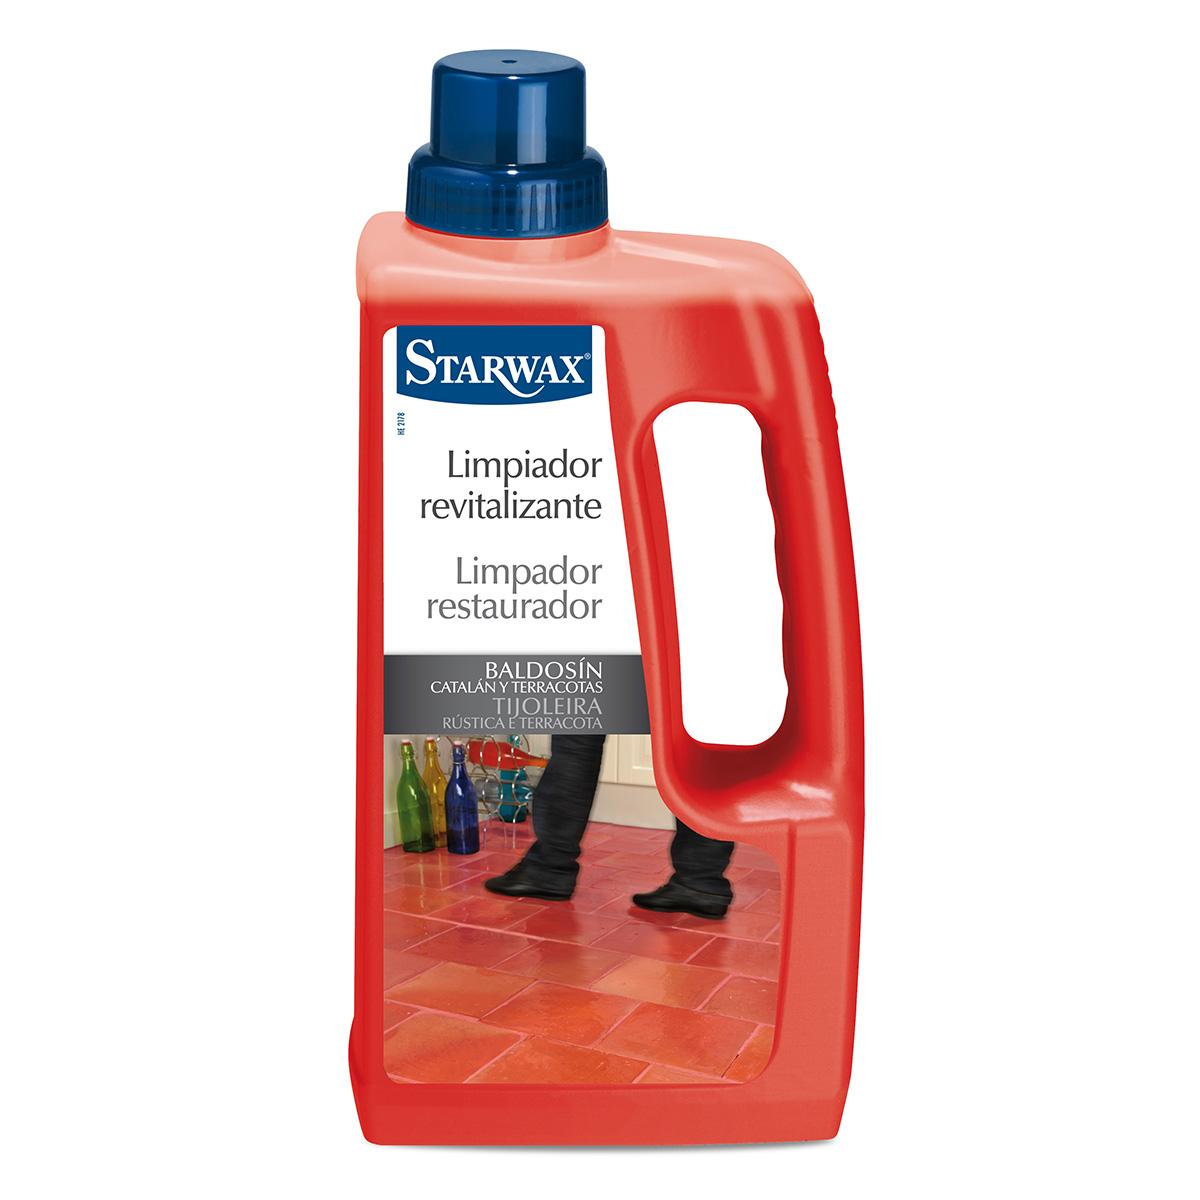 Limpiador revitalizante terracota - Starwax